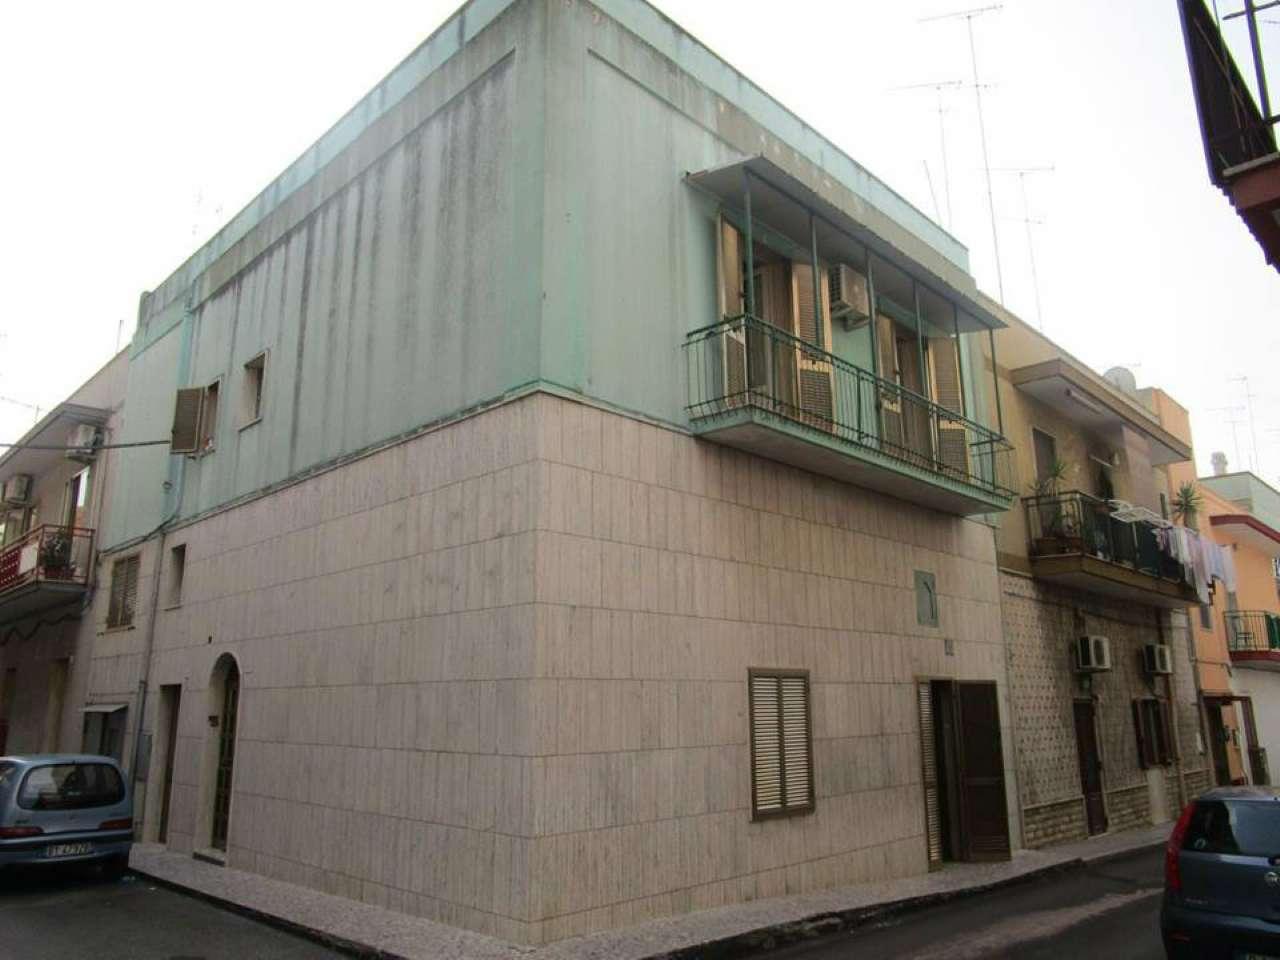 Palazzo / Stabile in vendita a Massafra, 8 locali, prezzo € 85.000 | CambioCasa.it